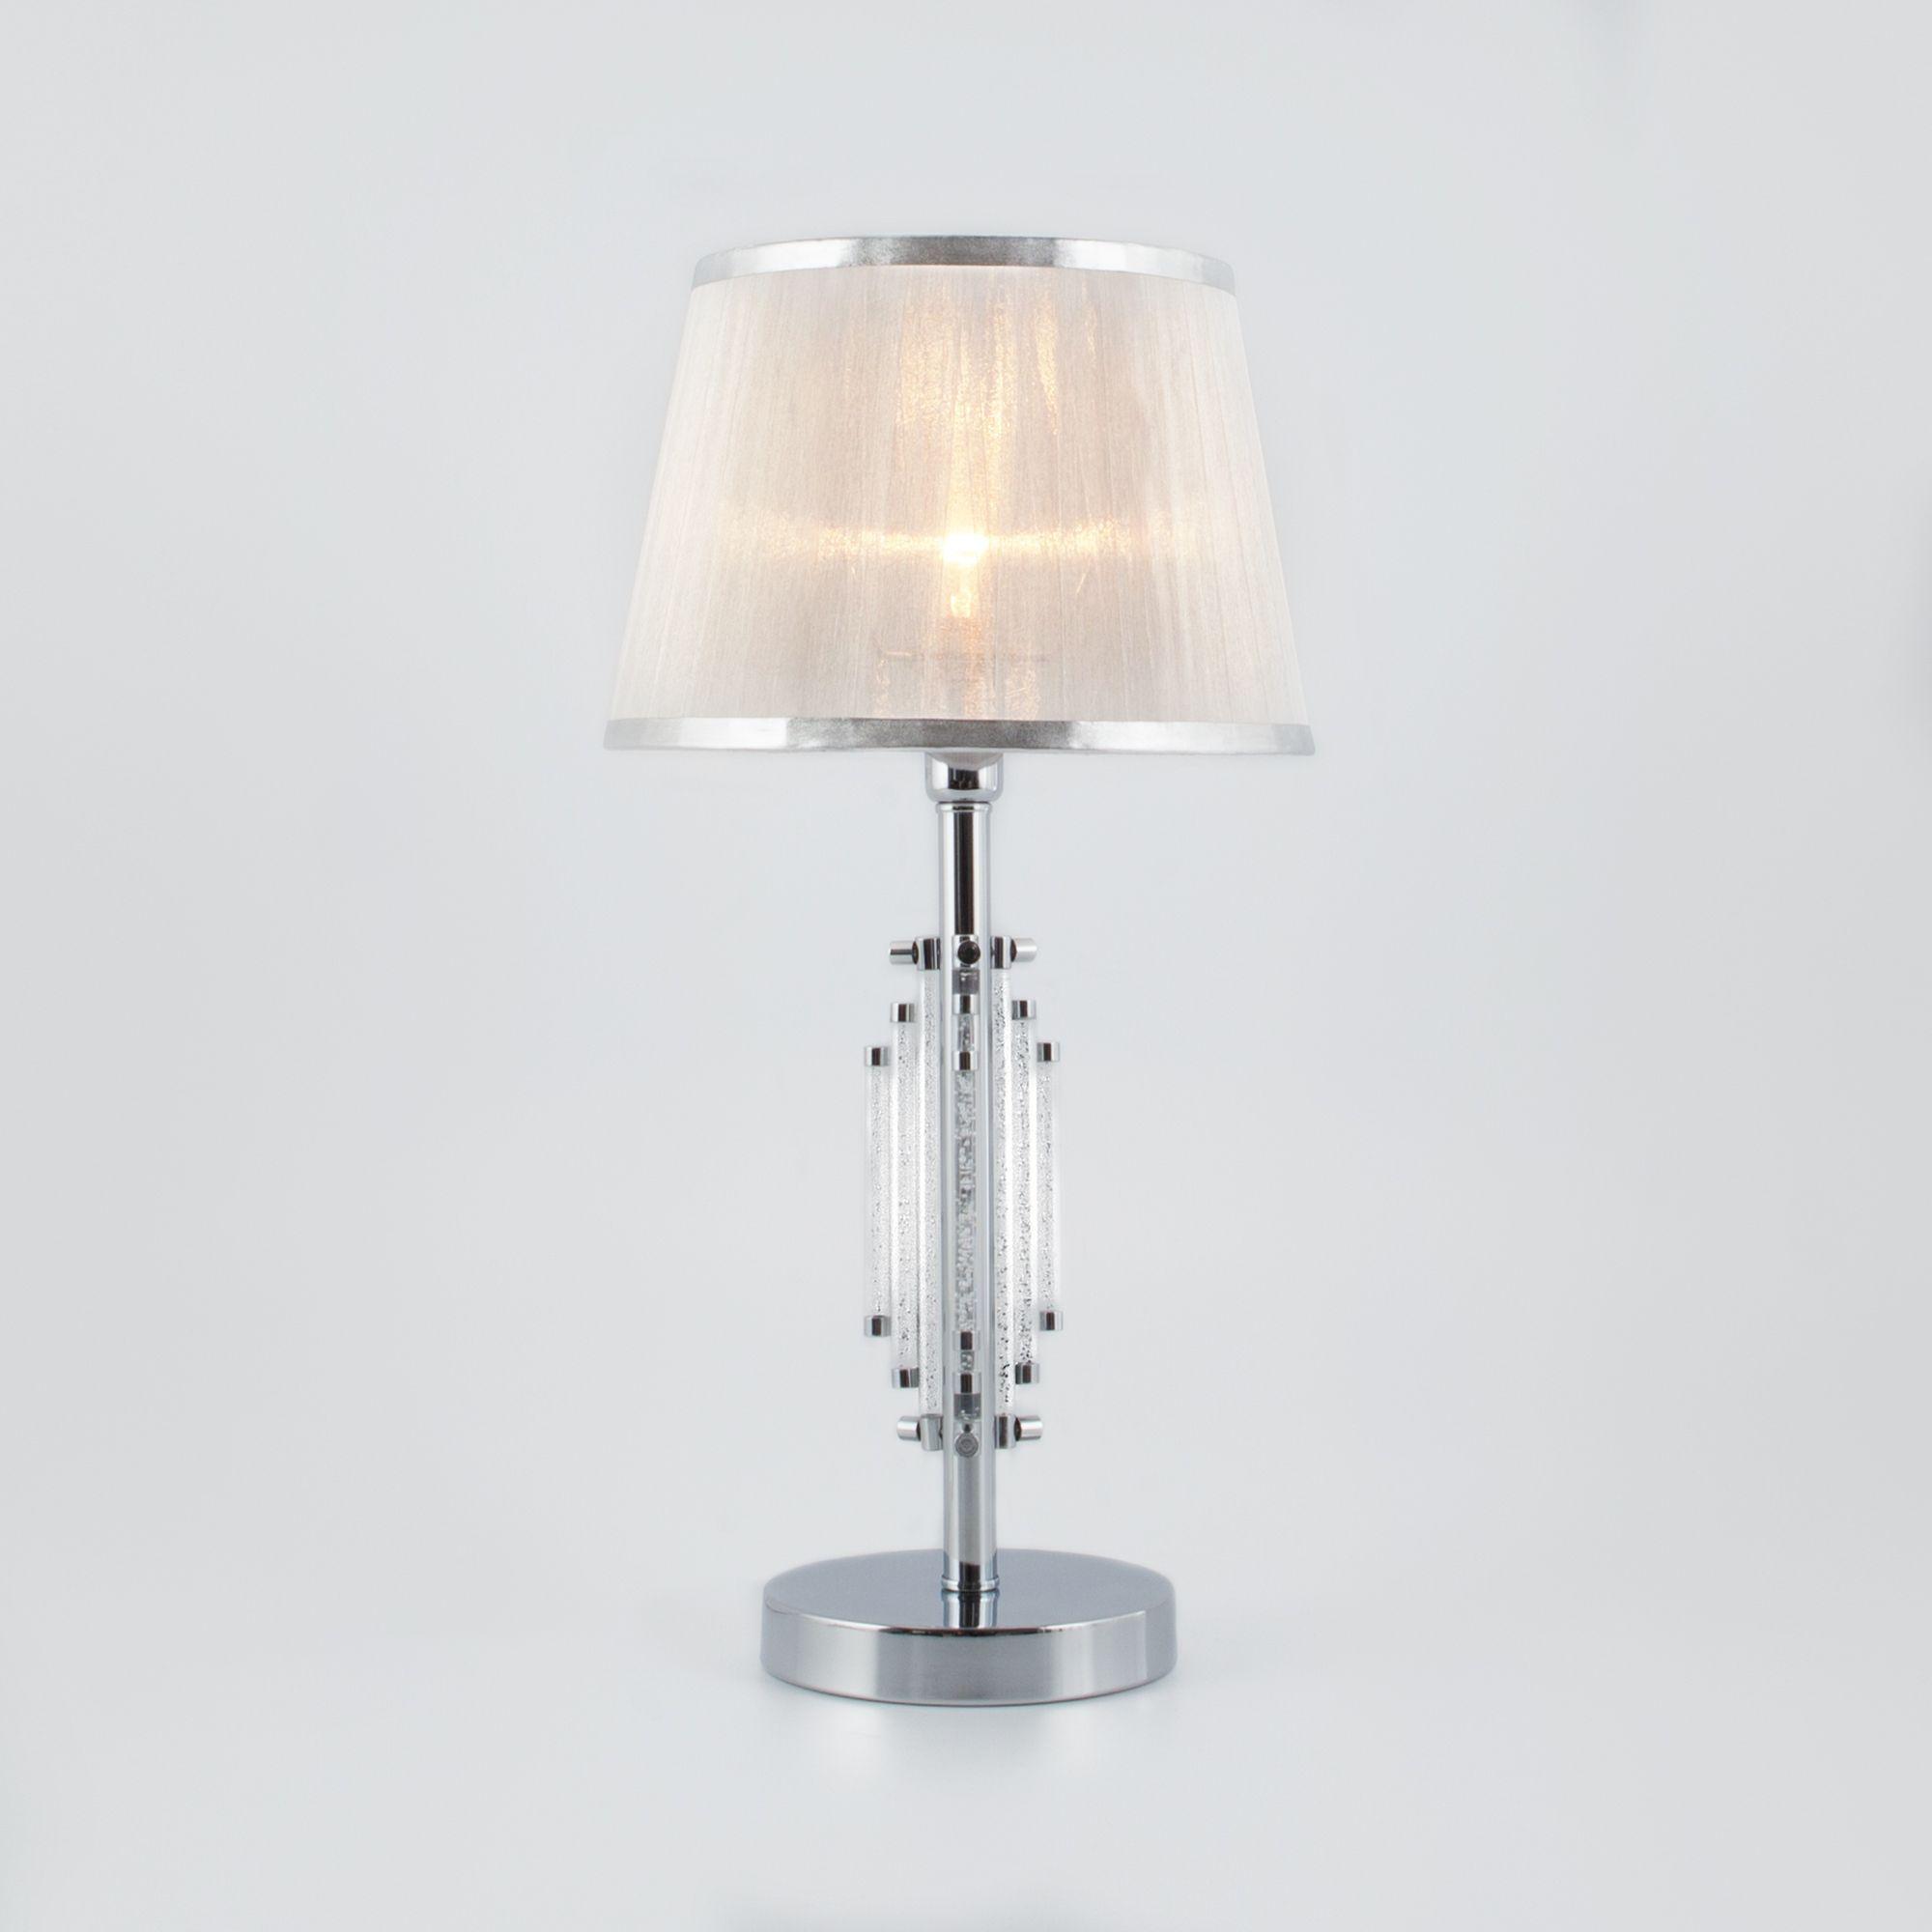 Настольная лампа с абажуром 01065/1 хром